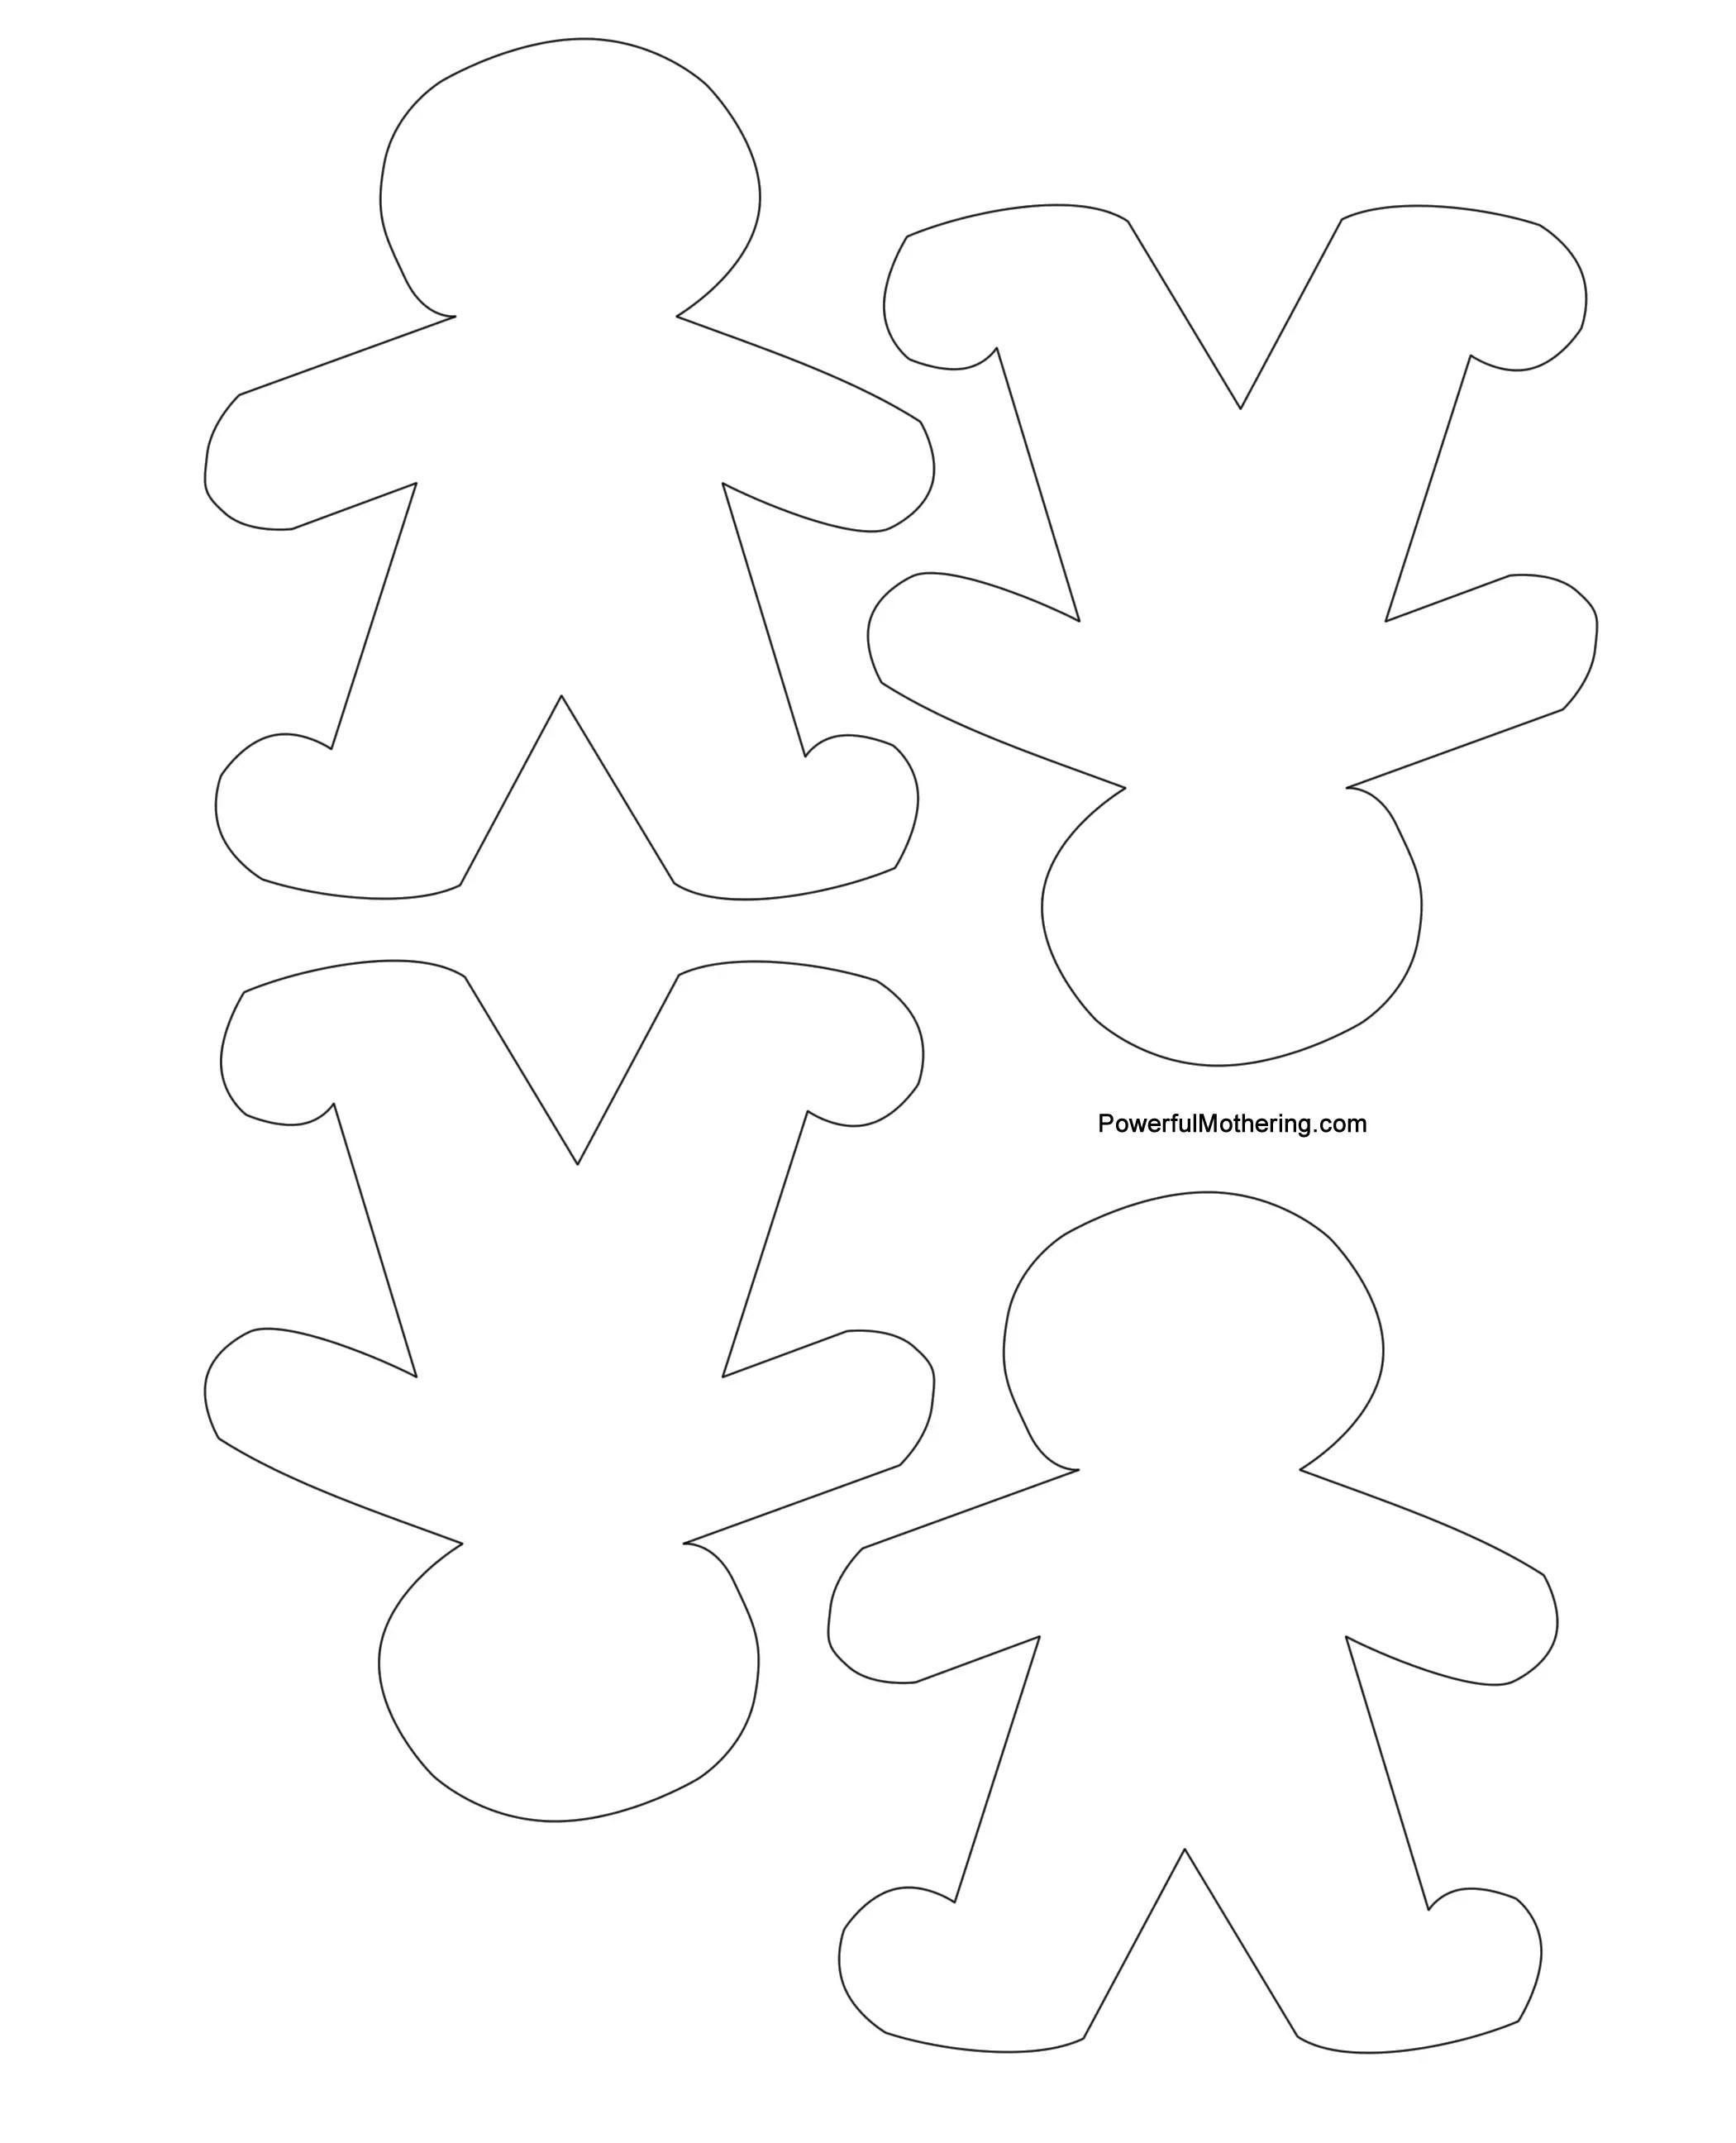 30 Cheerful Printable Christmas Ornaments